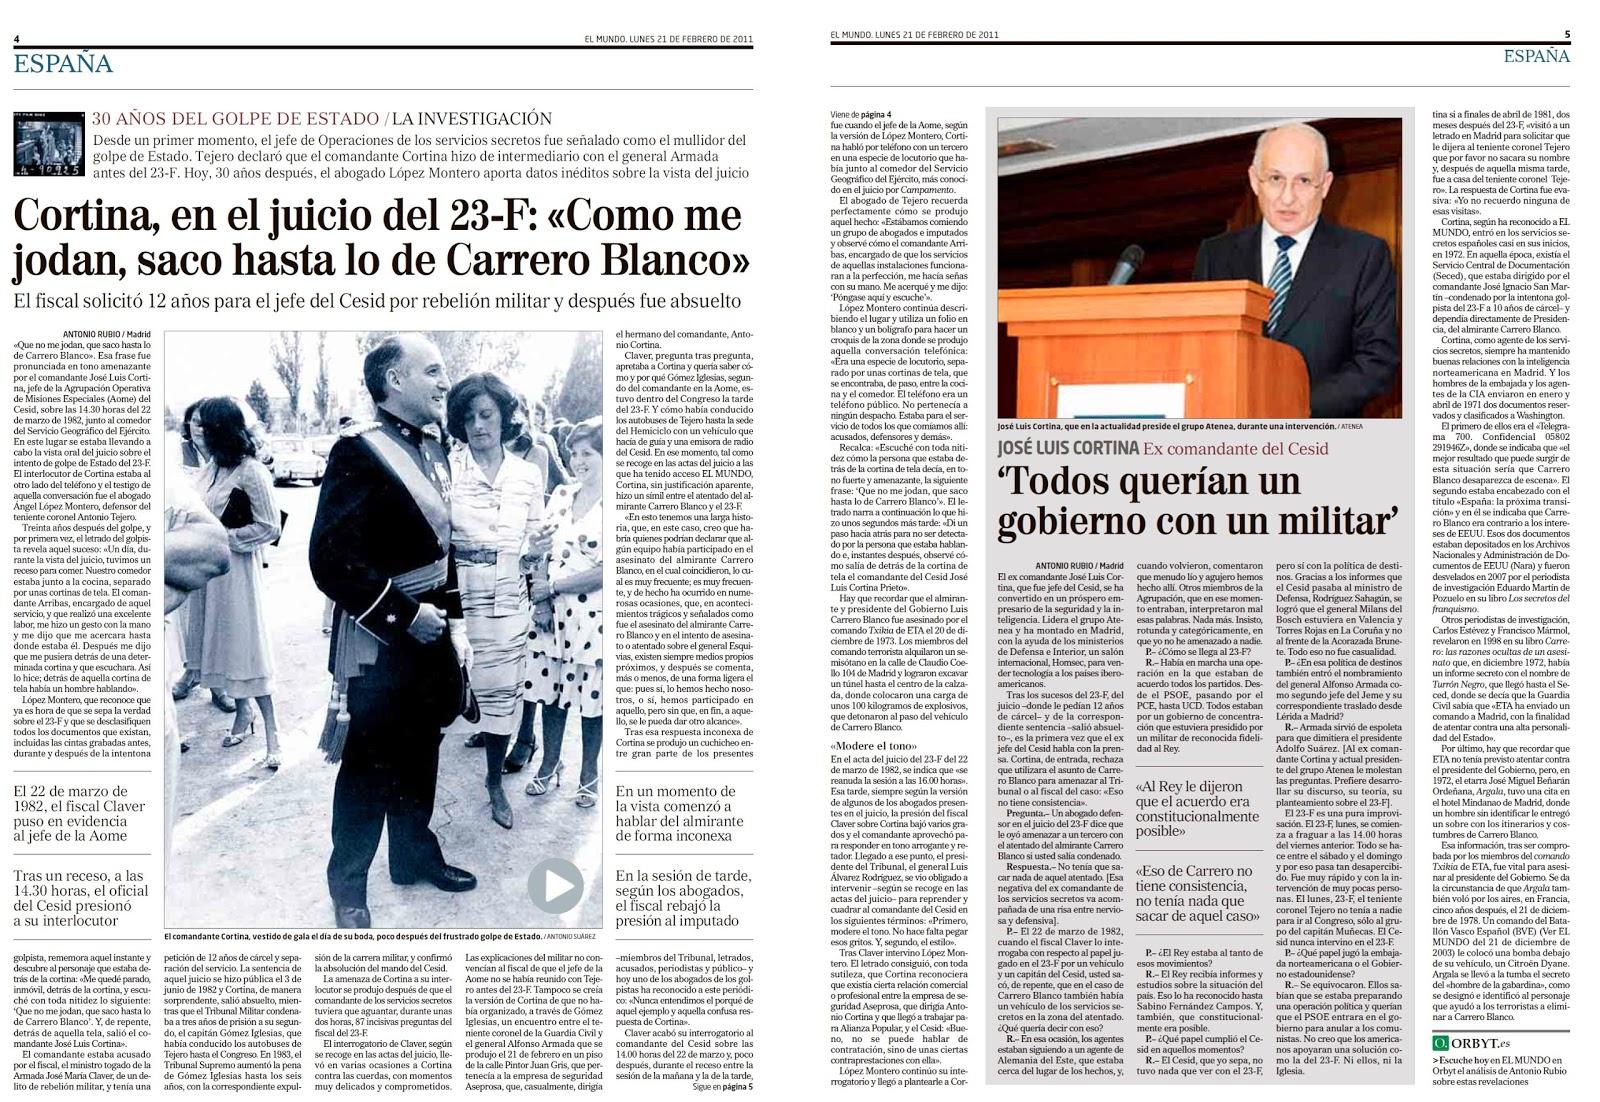 http://4.bp.blogspot.com/-zNUQHXpYTkk/TWIfXg5evgI/AAAAAAAAAwo/p_Bc6hqu1m4/s1600/7a+El+23-F+Jefe+de+Operaciones+Comandante+Cortina+Como+me+jodan+saco+hasta+lo+de+Carrero+Blanco.jpg